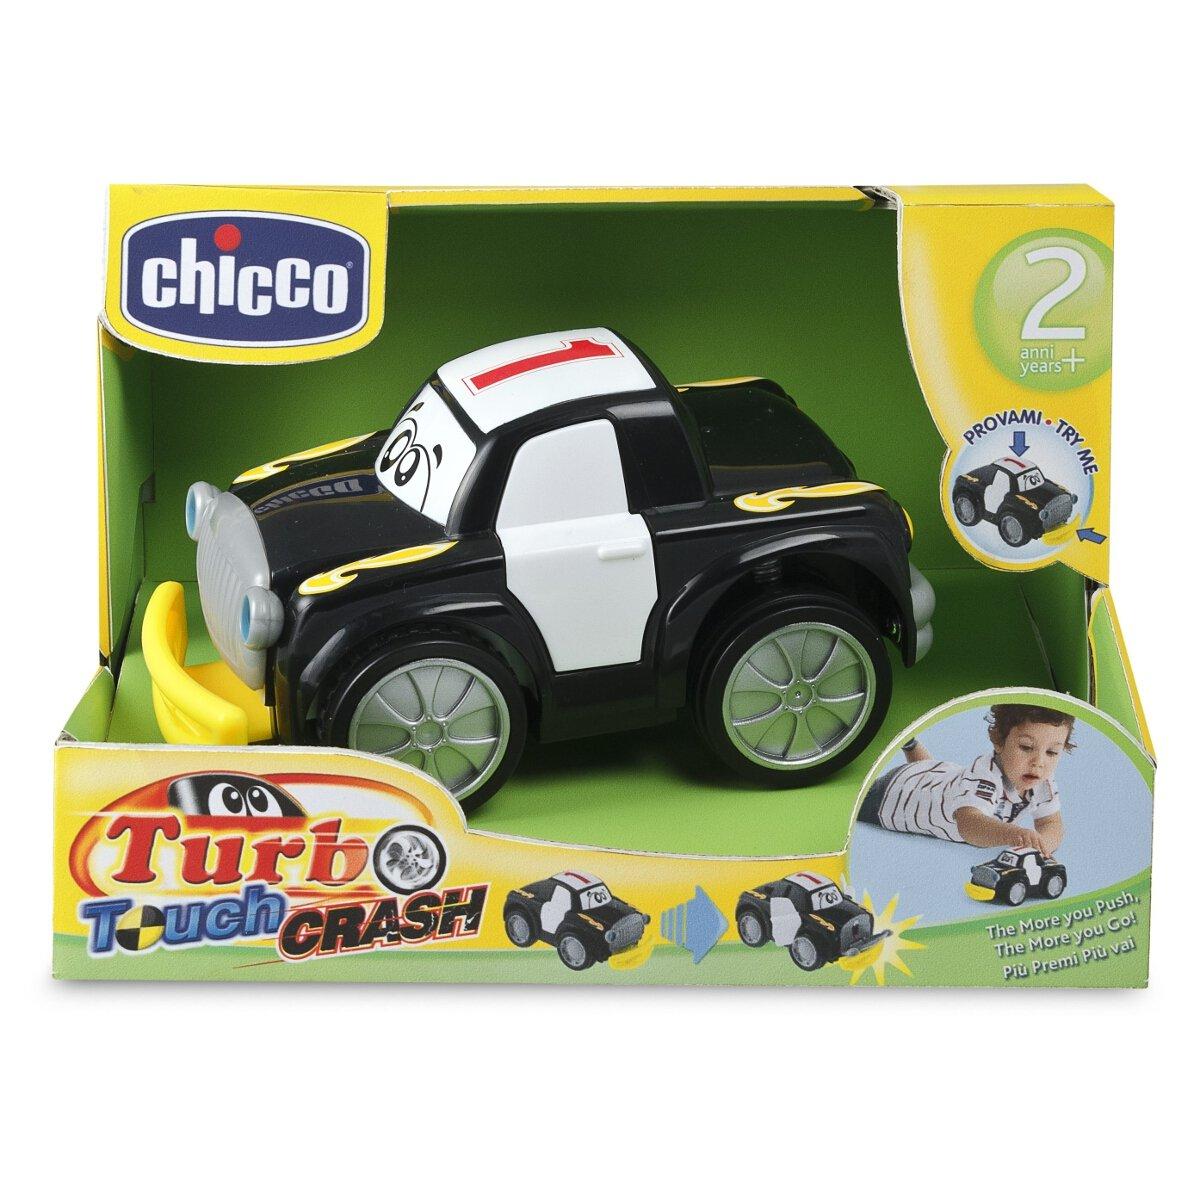 Chicco - Coche Turbo Touch Crash Derby, color negro (00006721000000): Amazon.es: Juguetes y juegos